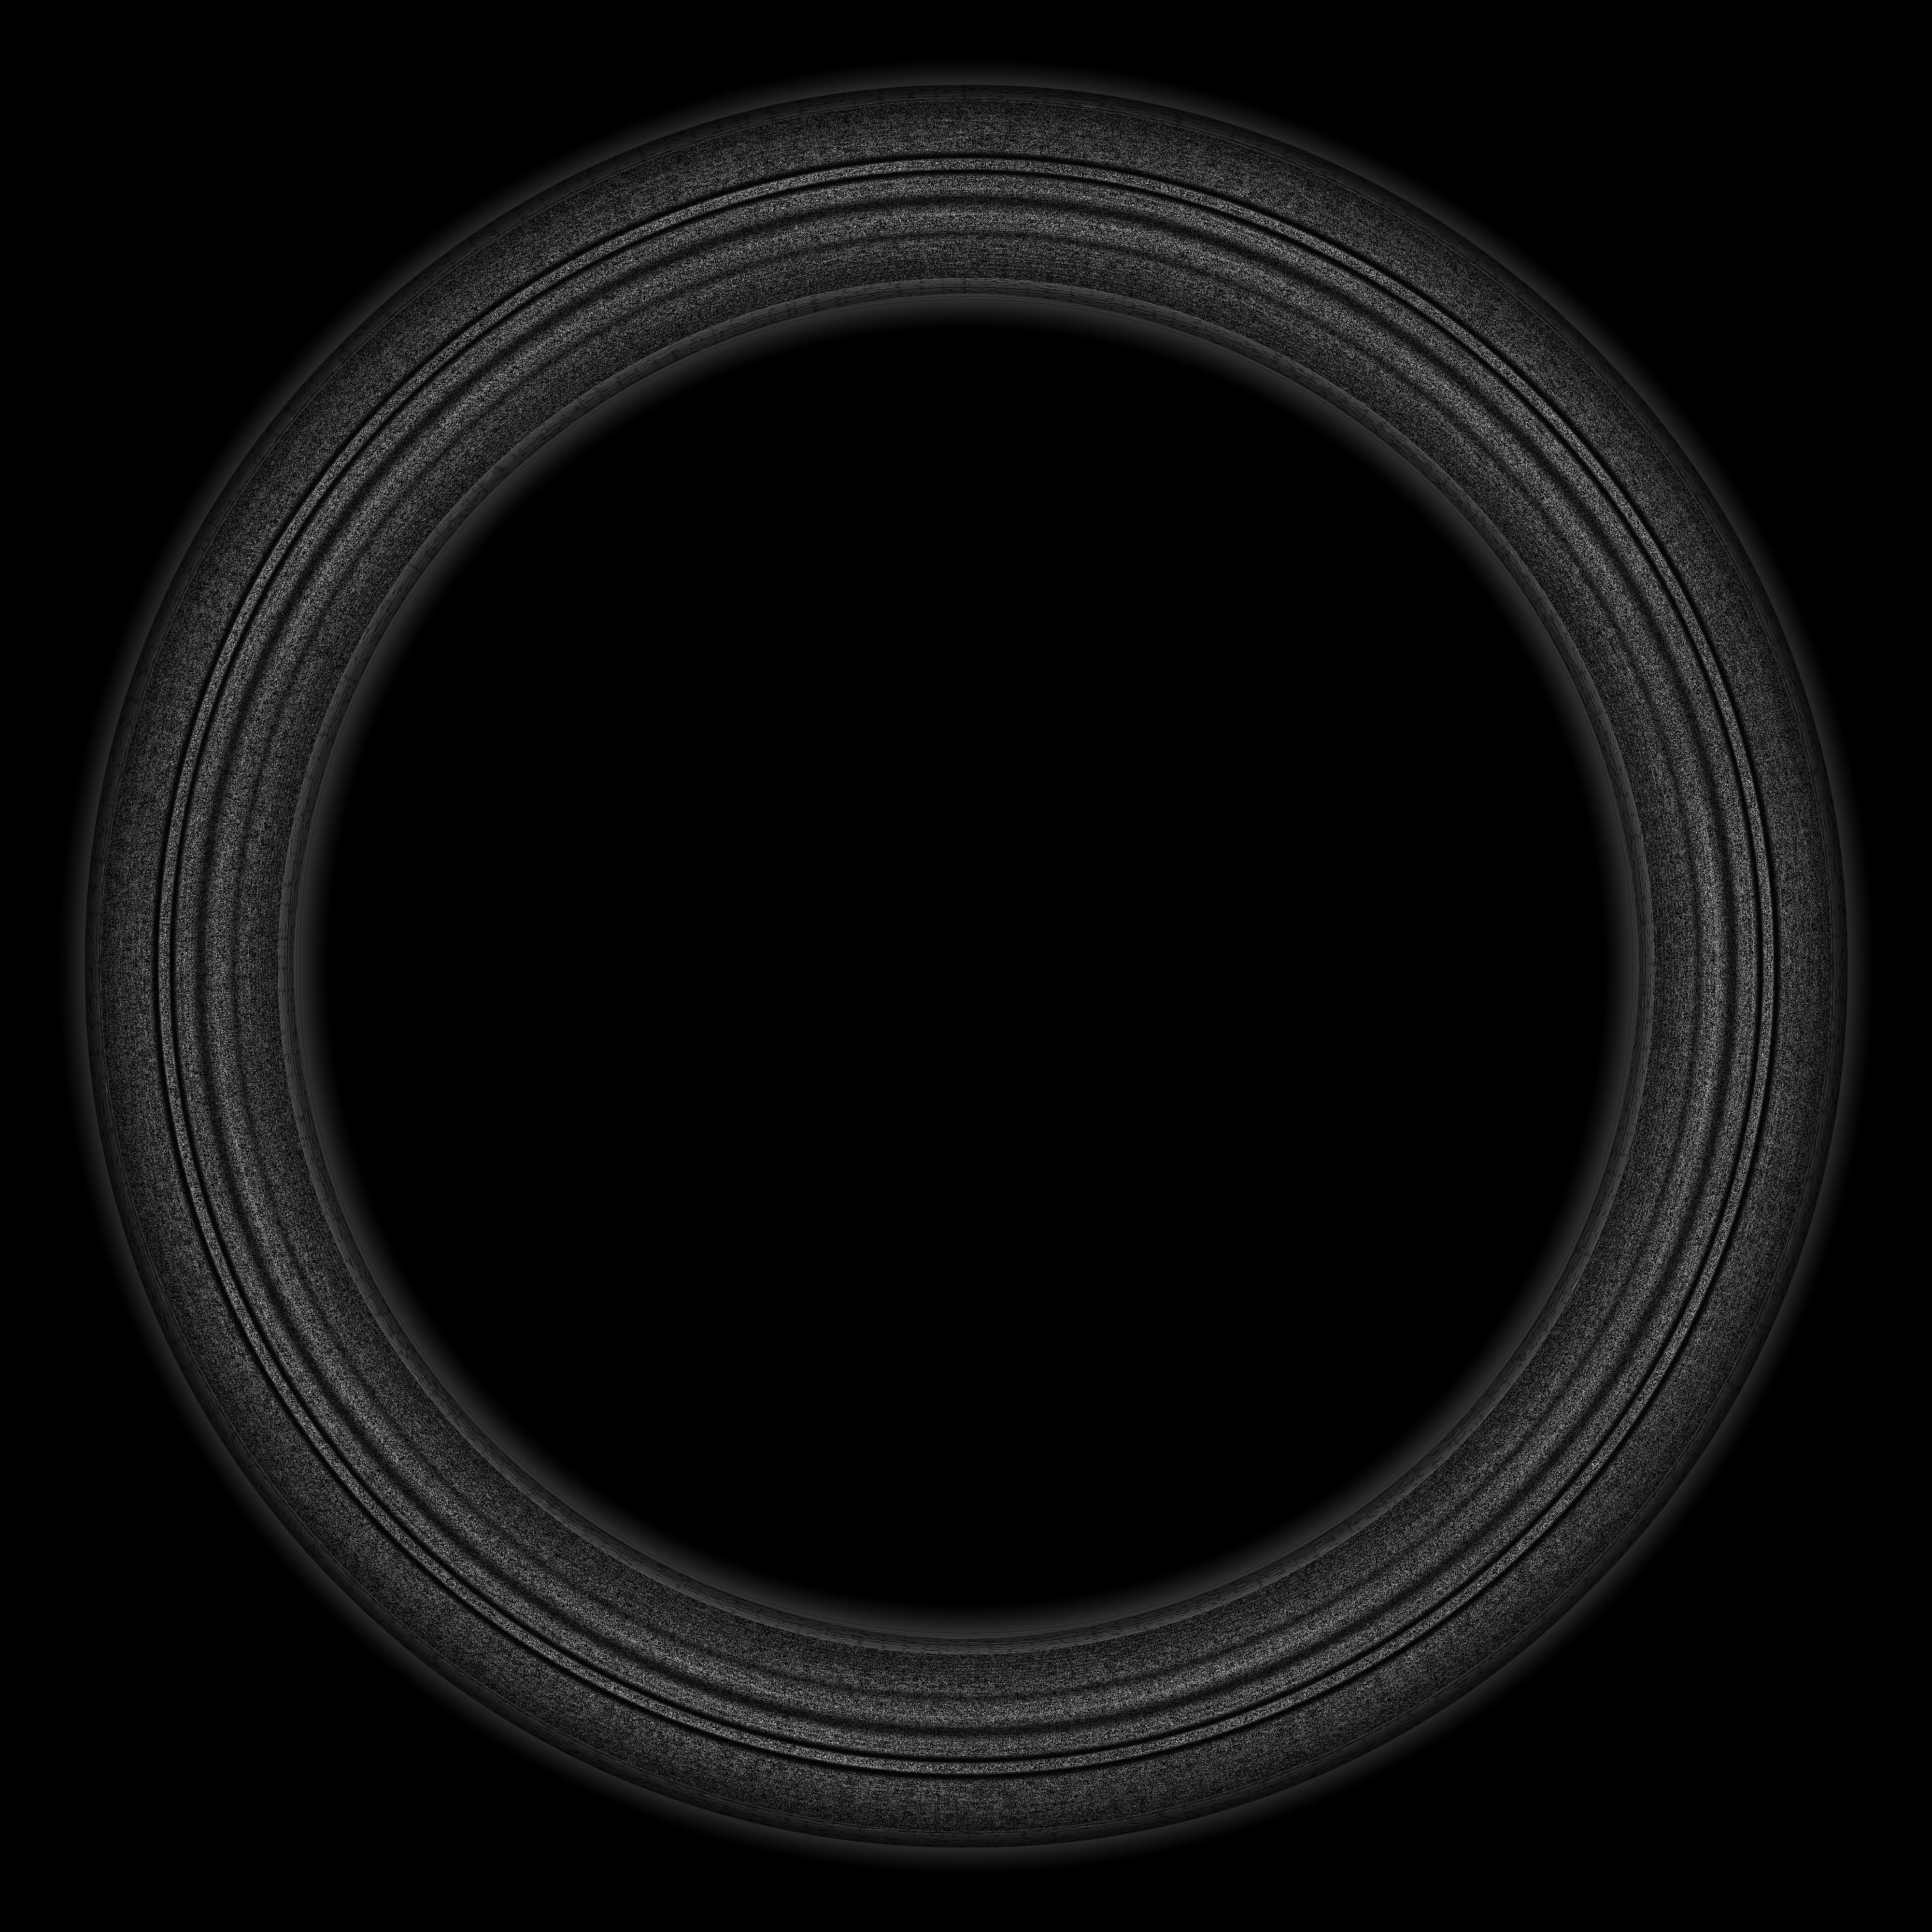 Planetary Ring #10